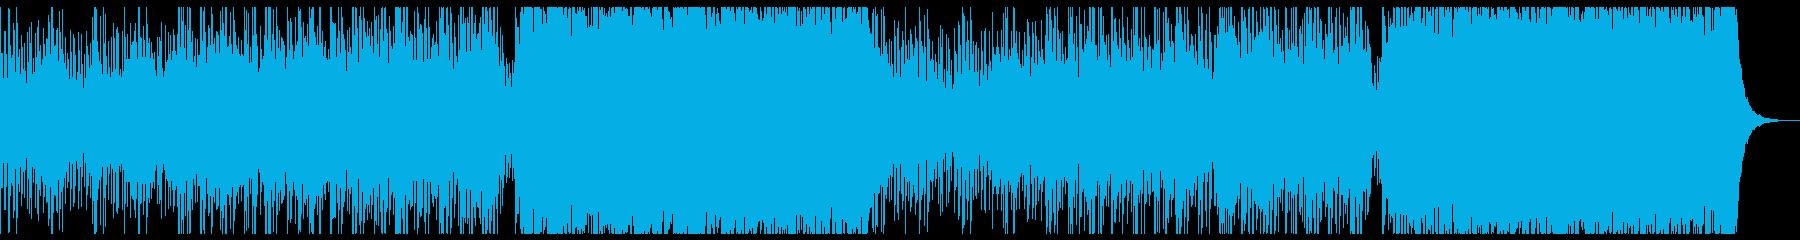 80's retro synthpopの再生済みの波形